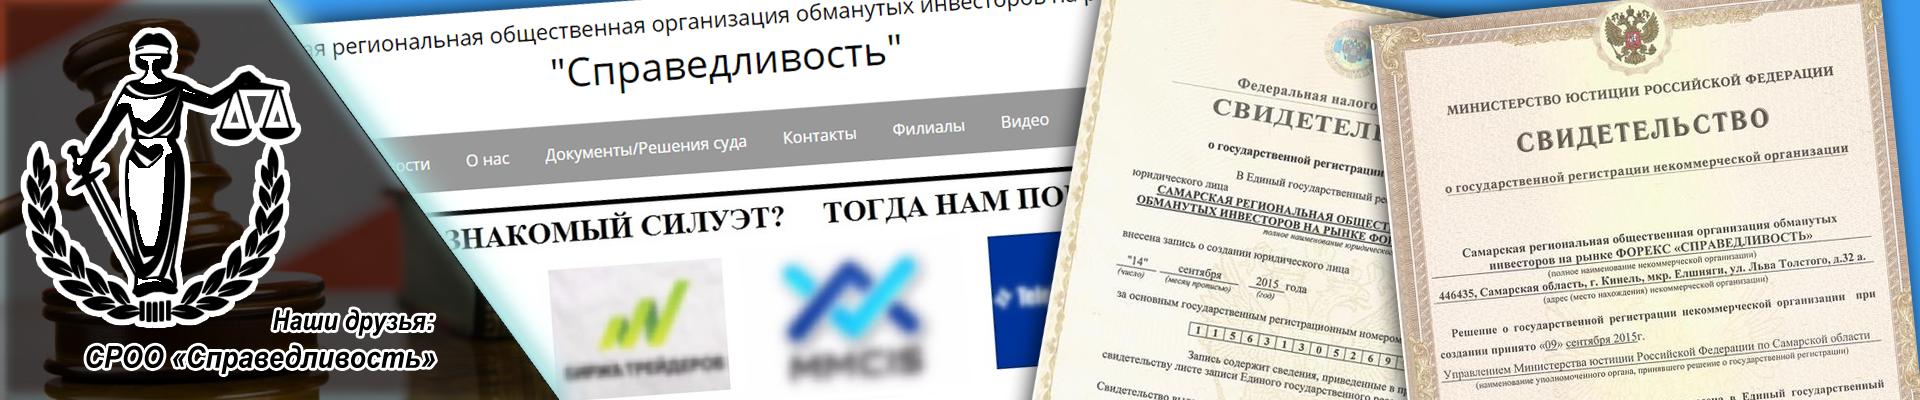 Черный сайт про forex fca trading